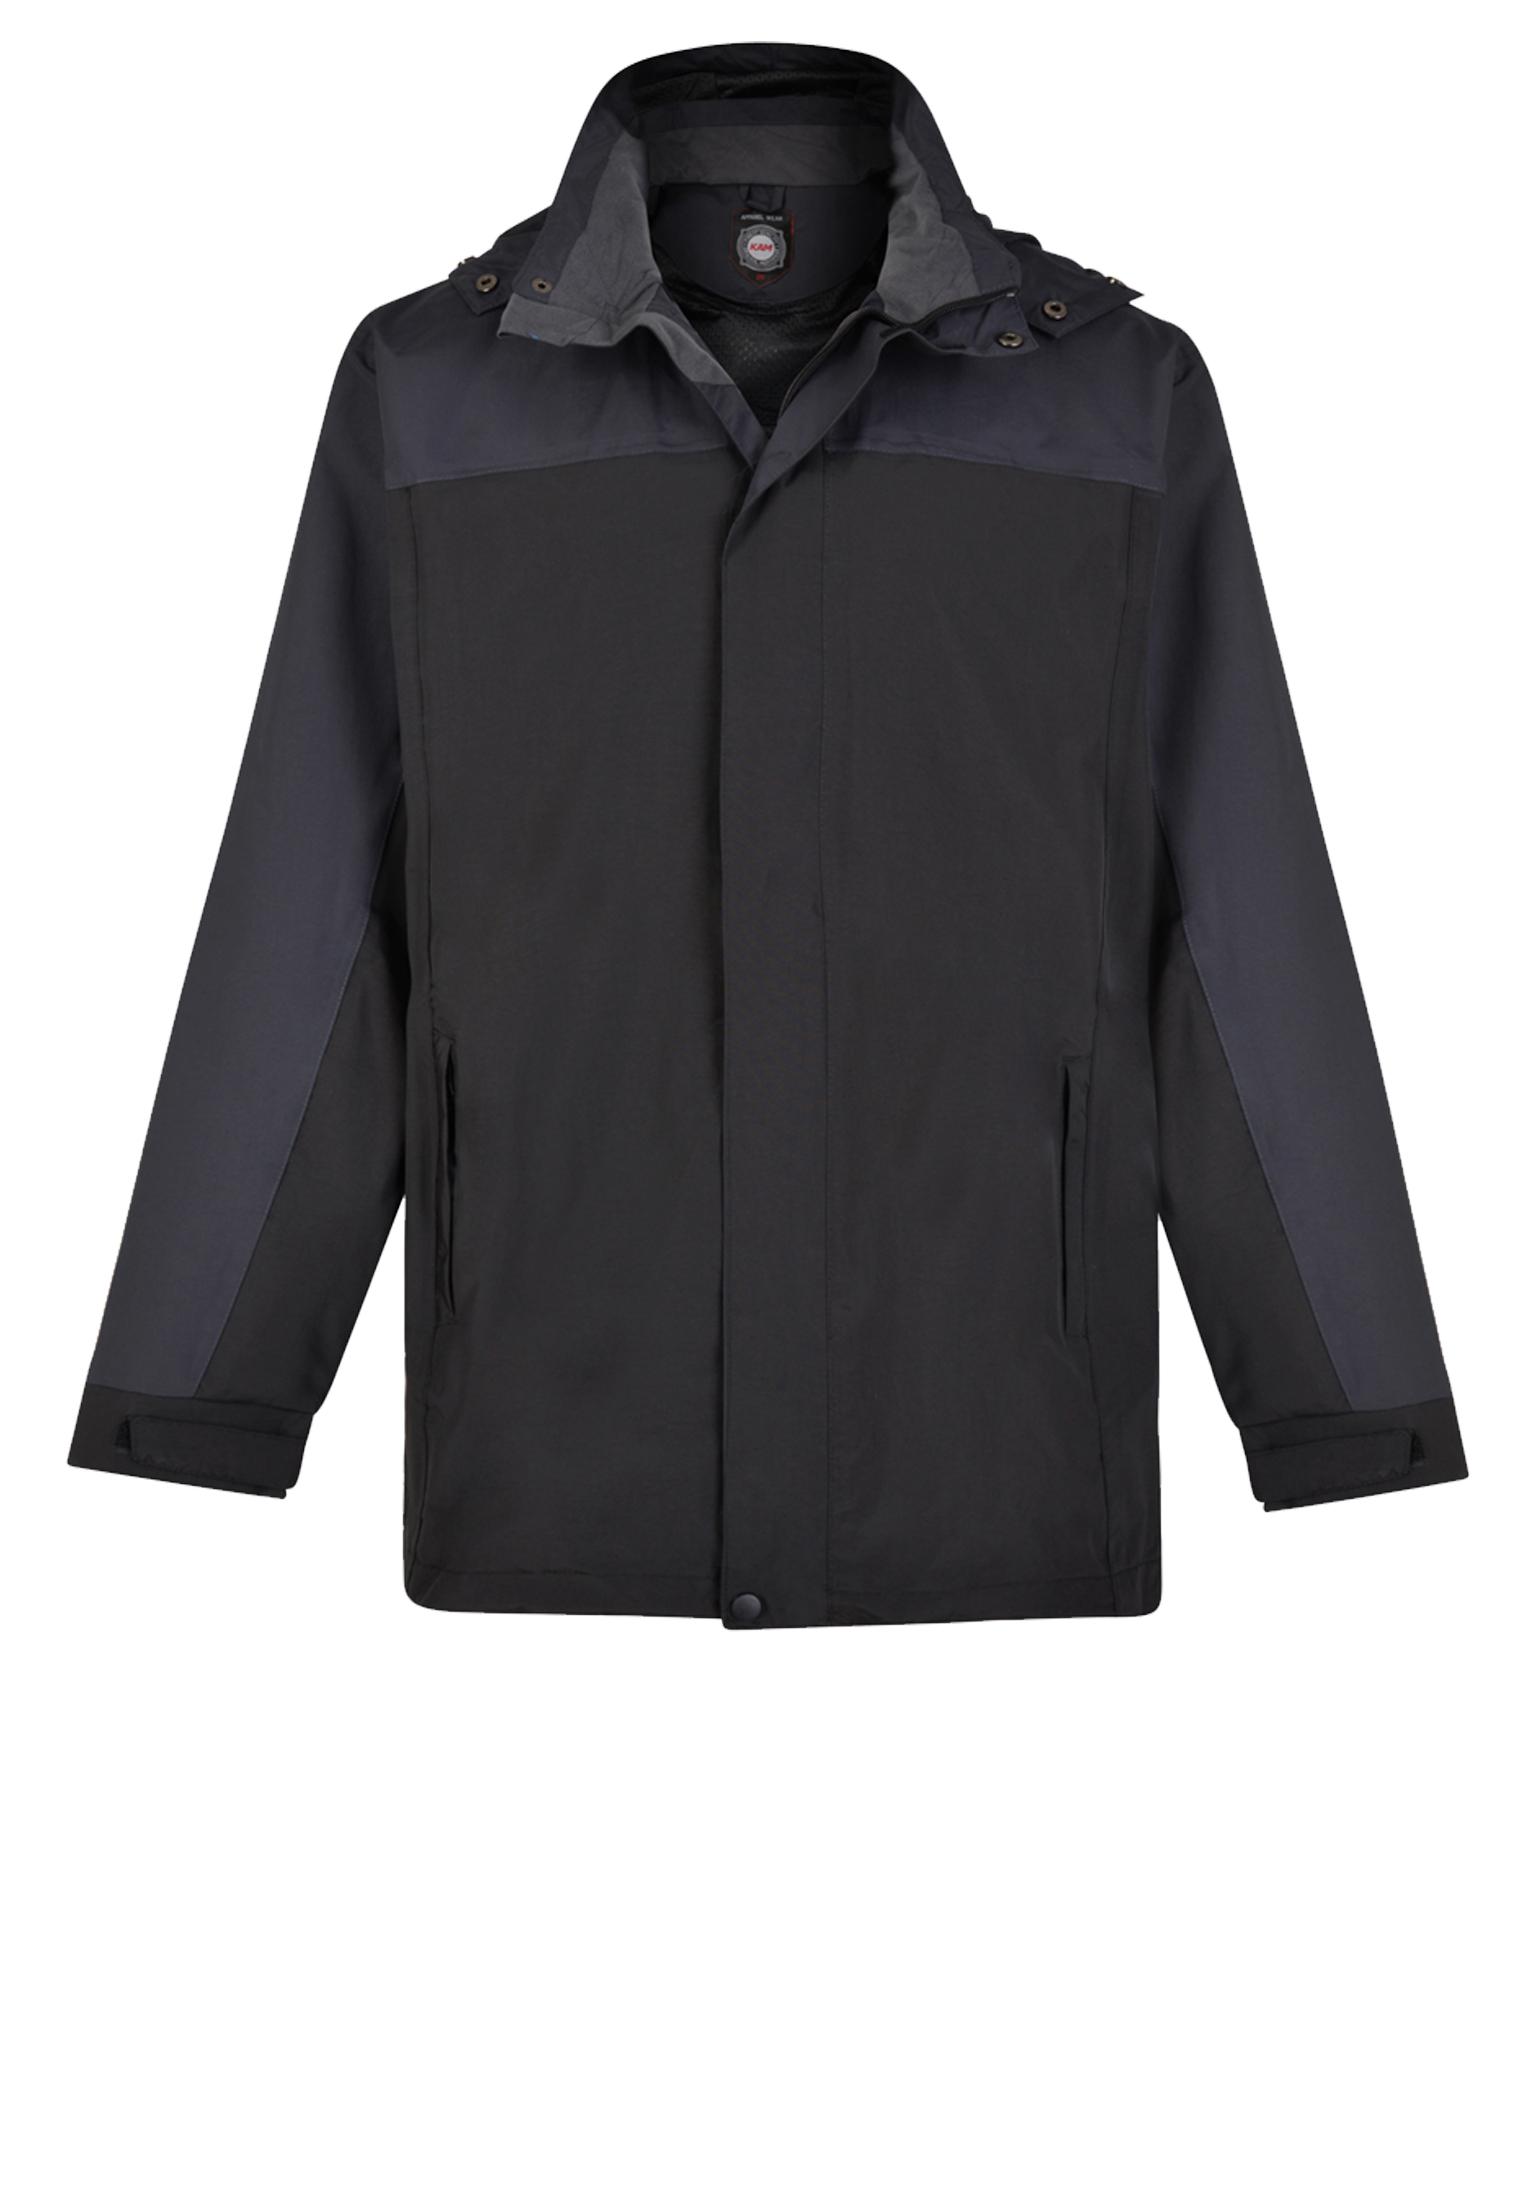 Een ademende, waterdichte jas. De jas is gemaakt van 100% premium soft shell stof. Dit zorgt voor een goede draagcomfort. De jas heeft 2 zakken met ritssluiting, verstelbare manchetten, afneembare capuchon en een mesh voering.